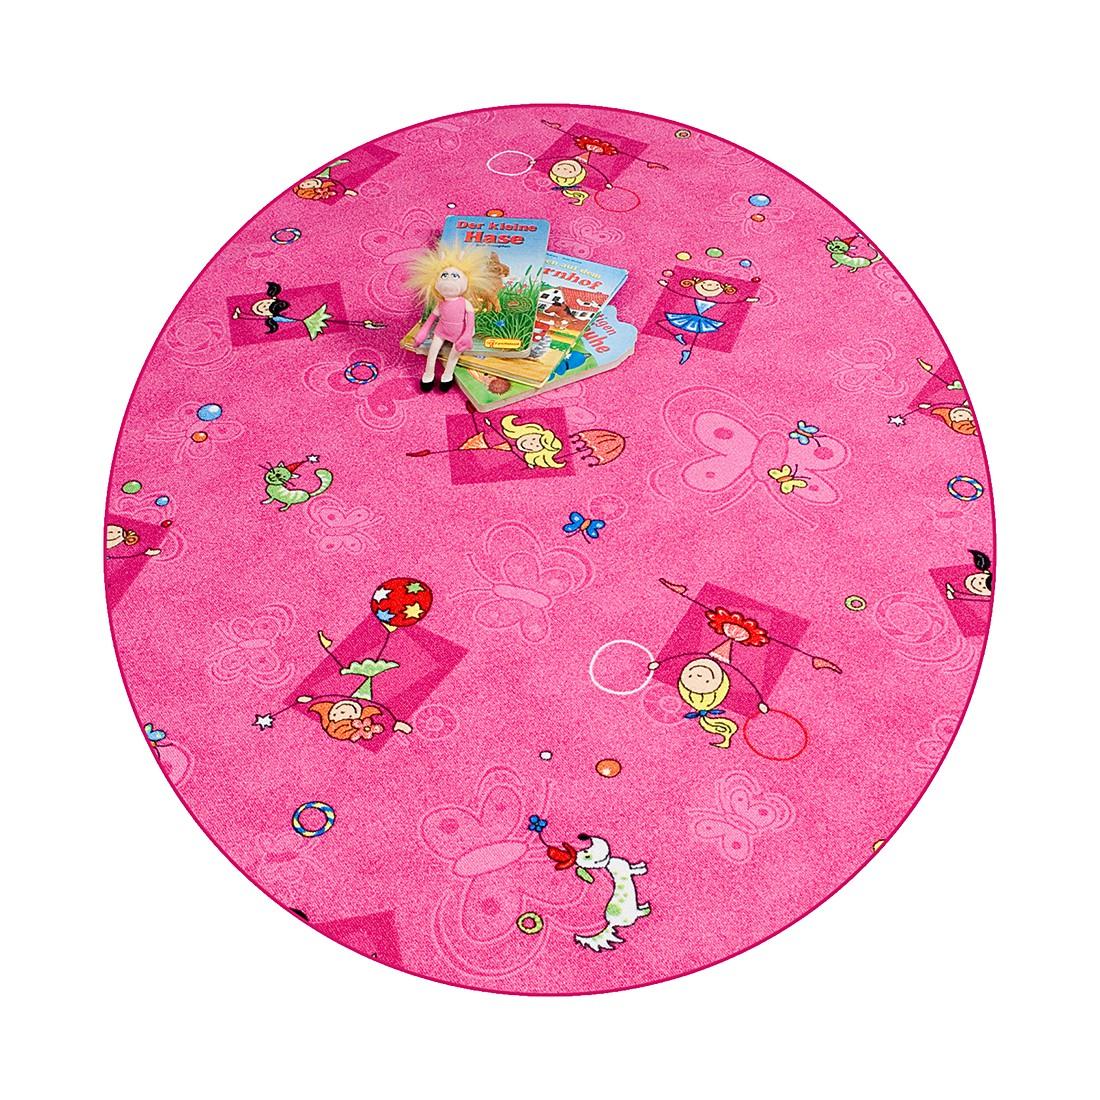 Kinderteppich Prinzessin – Pink – Durchmesser: 133cm, Testil bestellen